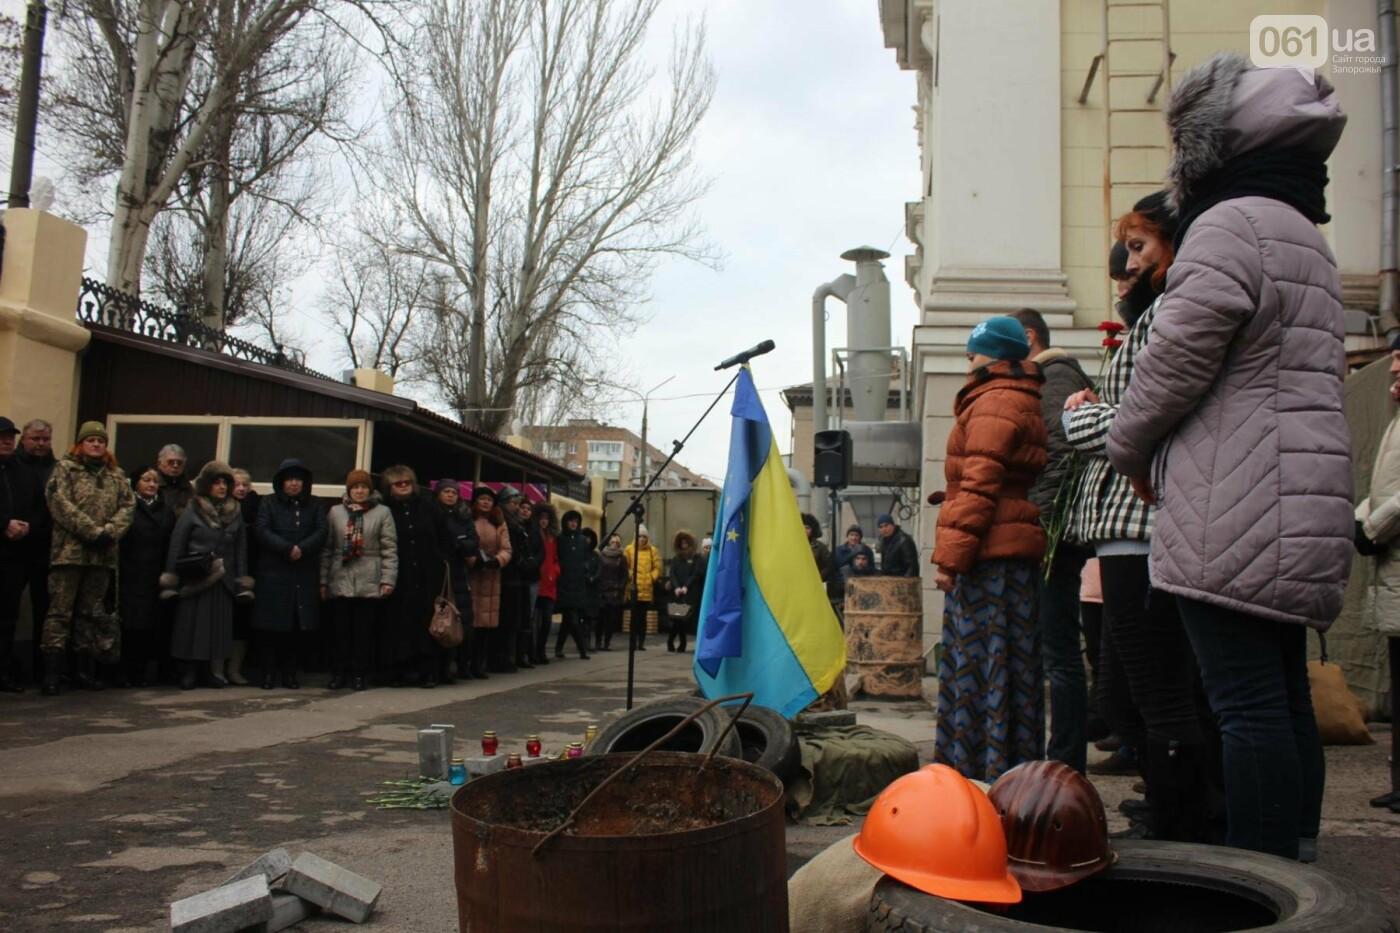 В Запорожье актеры на улице читали стихи о Майдане, - ФОТОРЕПОРТАЖ, фото-1